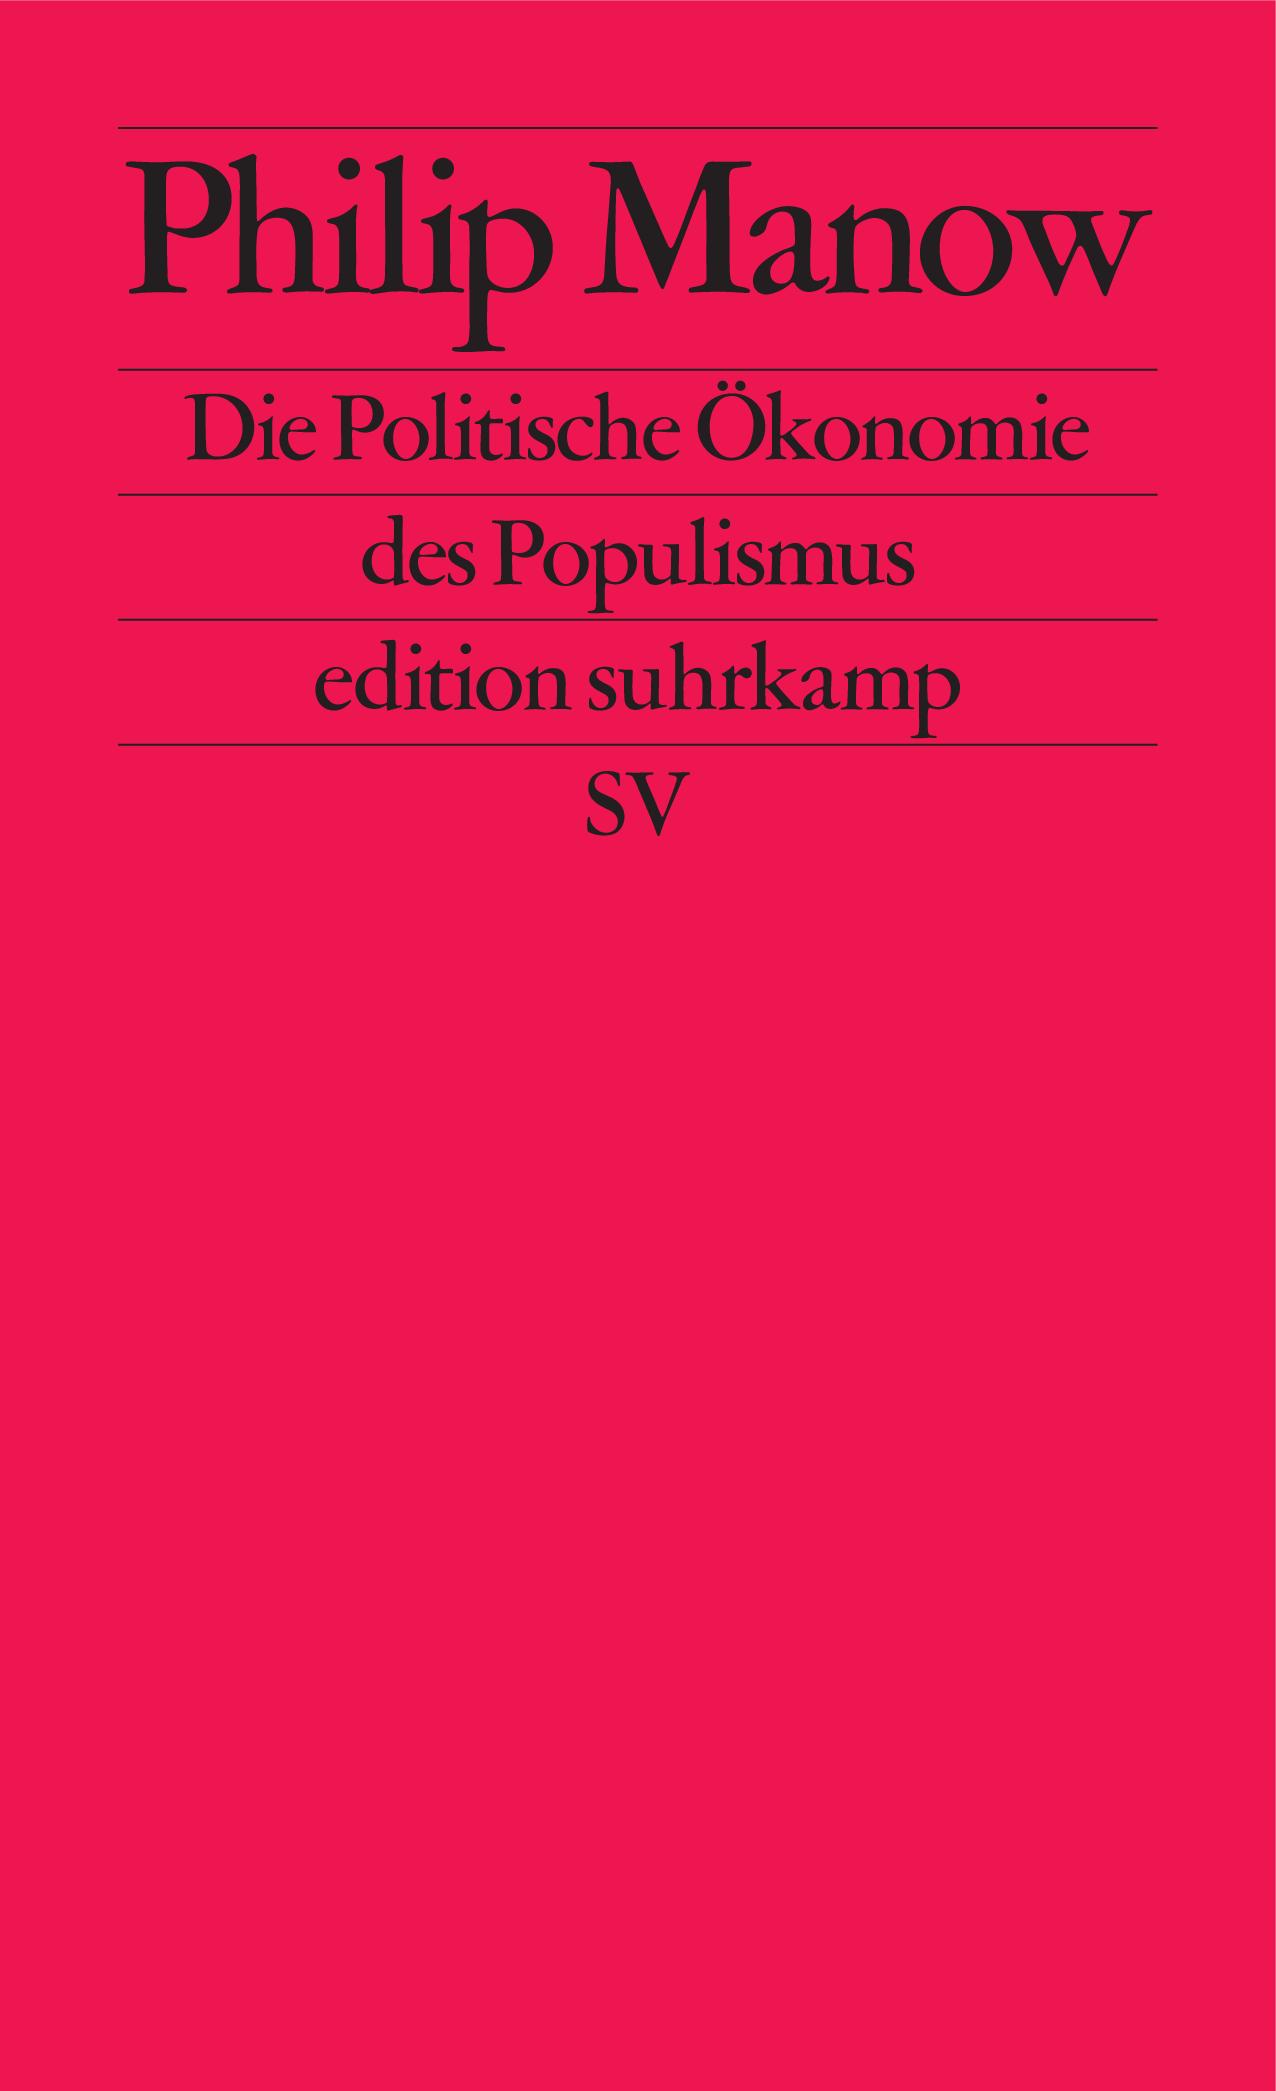 Cover: Die Politische Ökonomie der Populismus